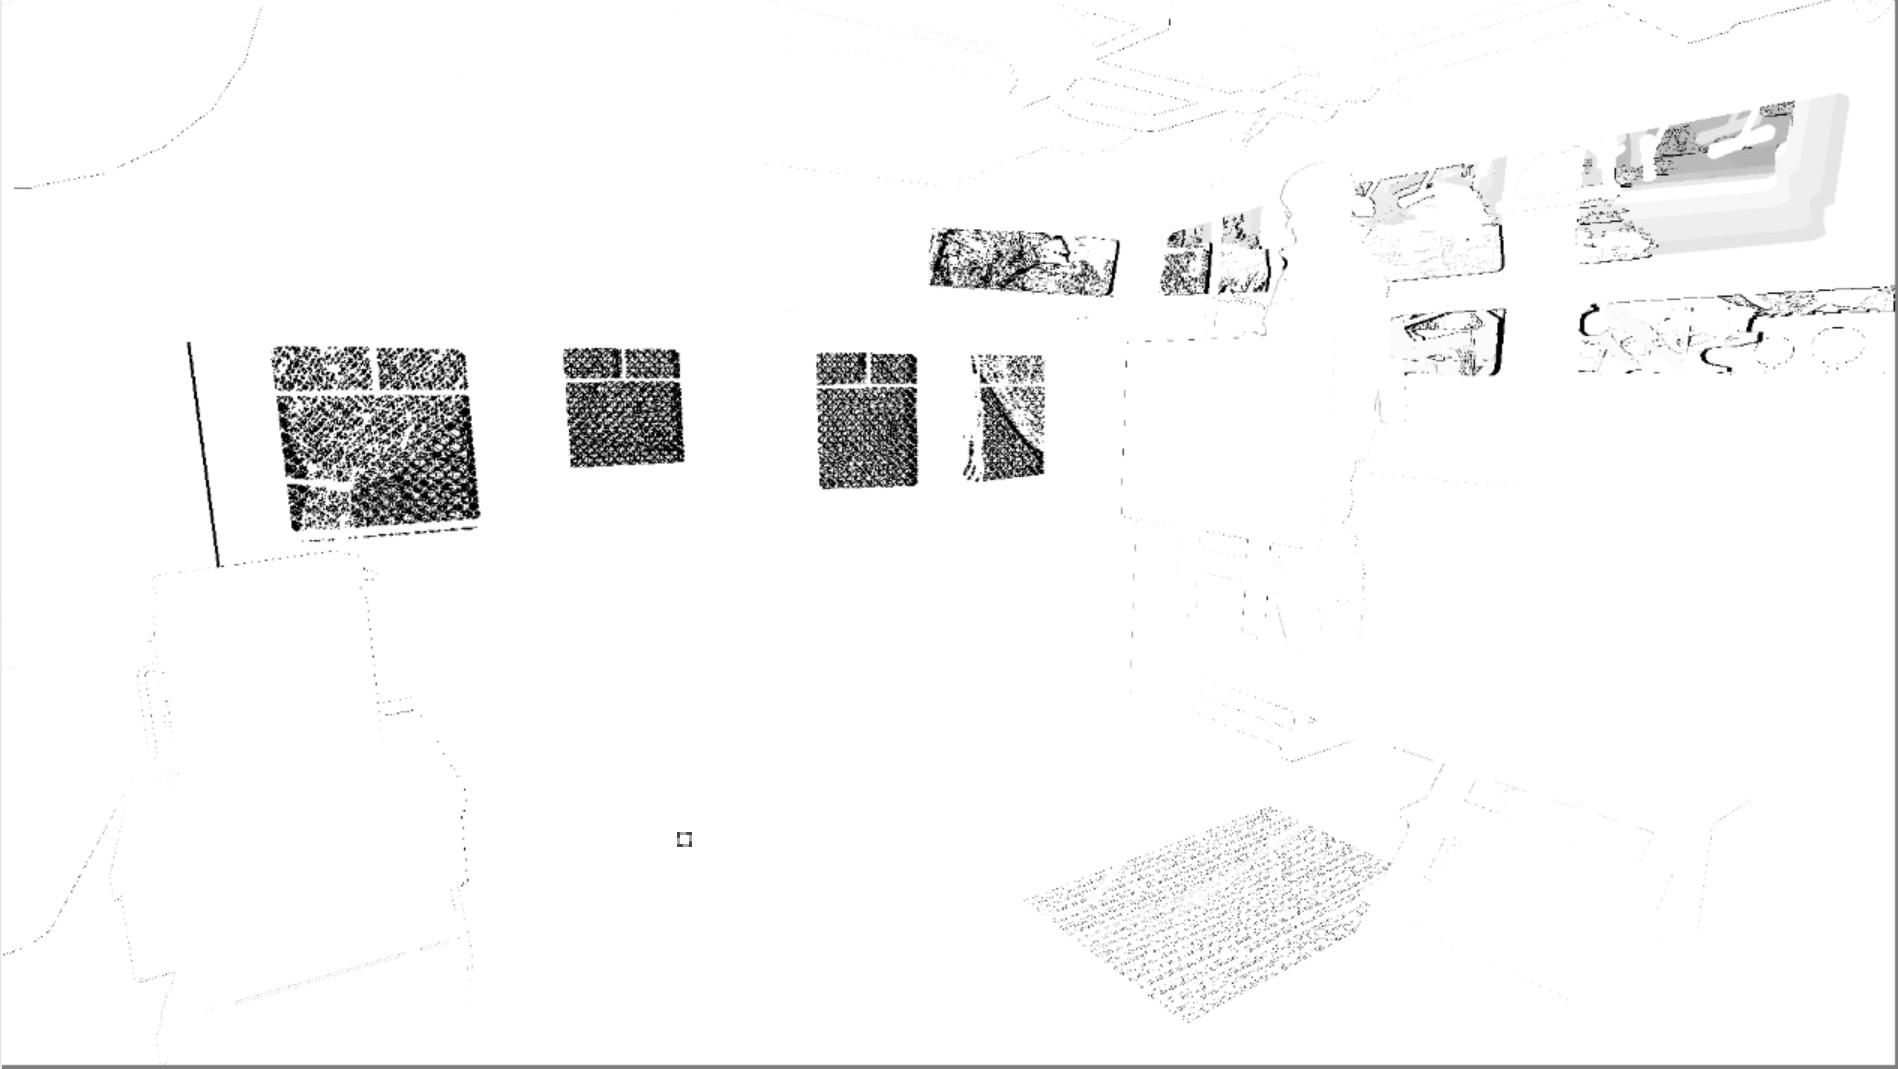 Особенности рендеринга в игре Metro: Exodus c raytracing - 11